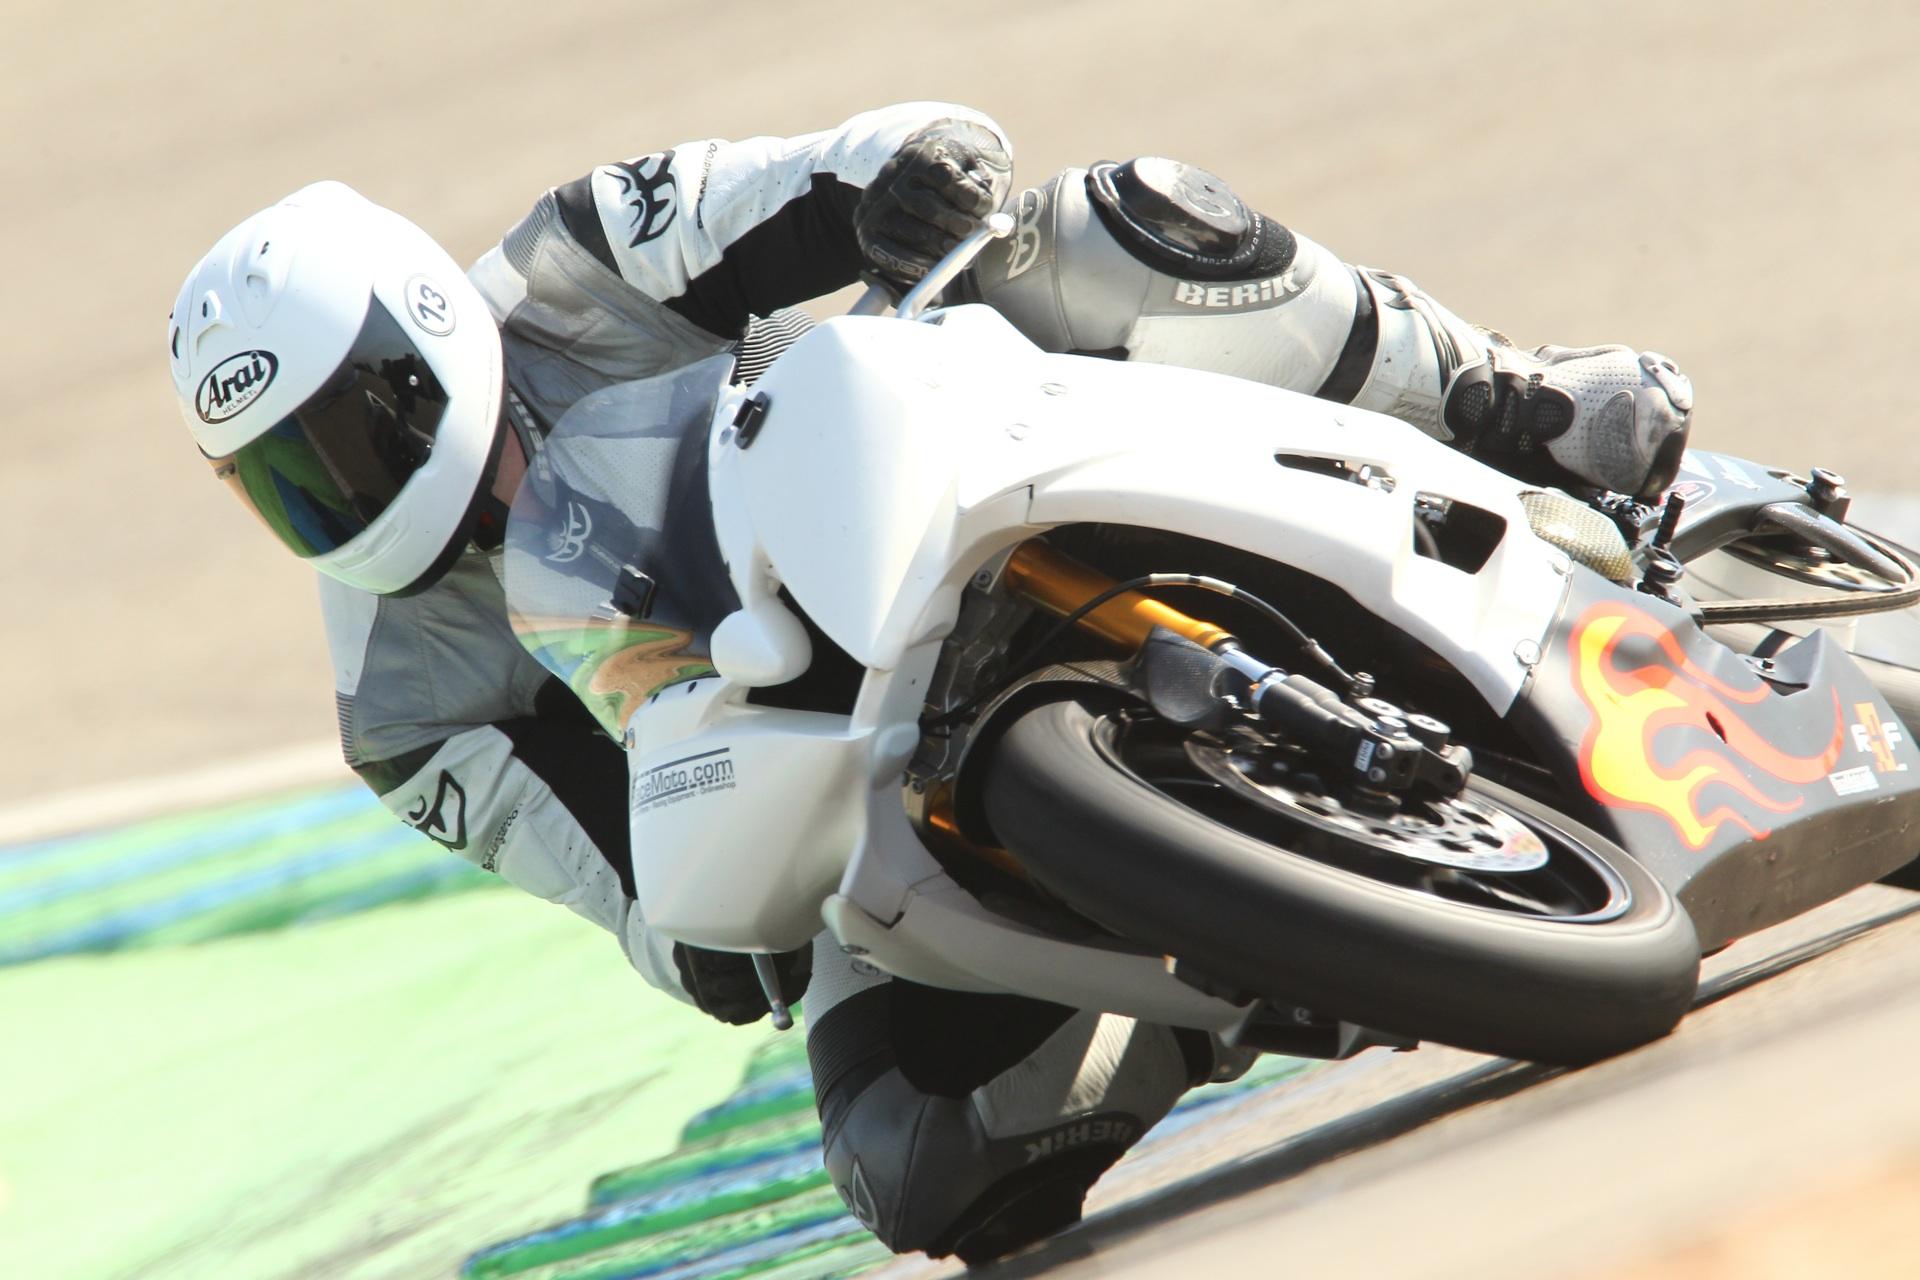 calafat_2012_racemoto_copyright_pixelrace_01